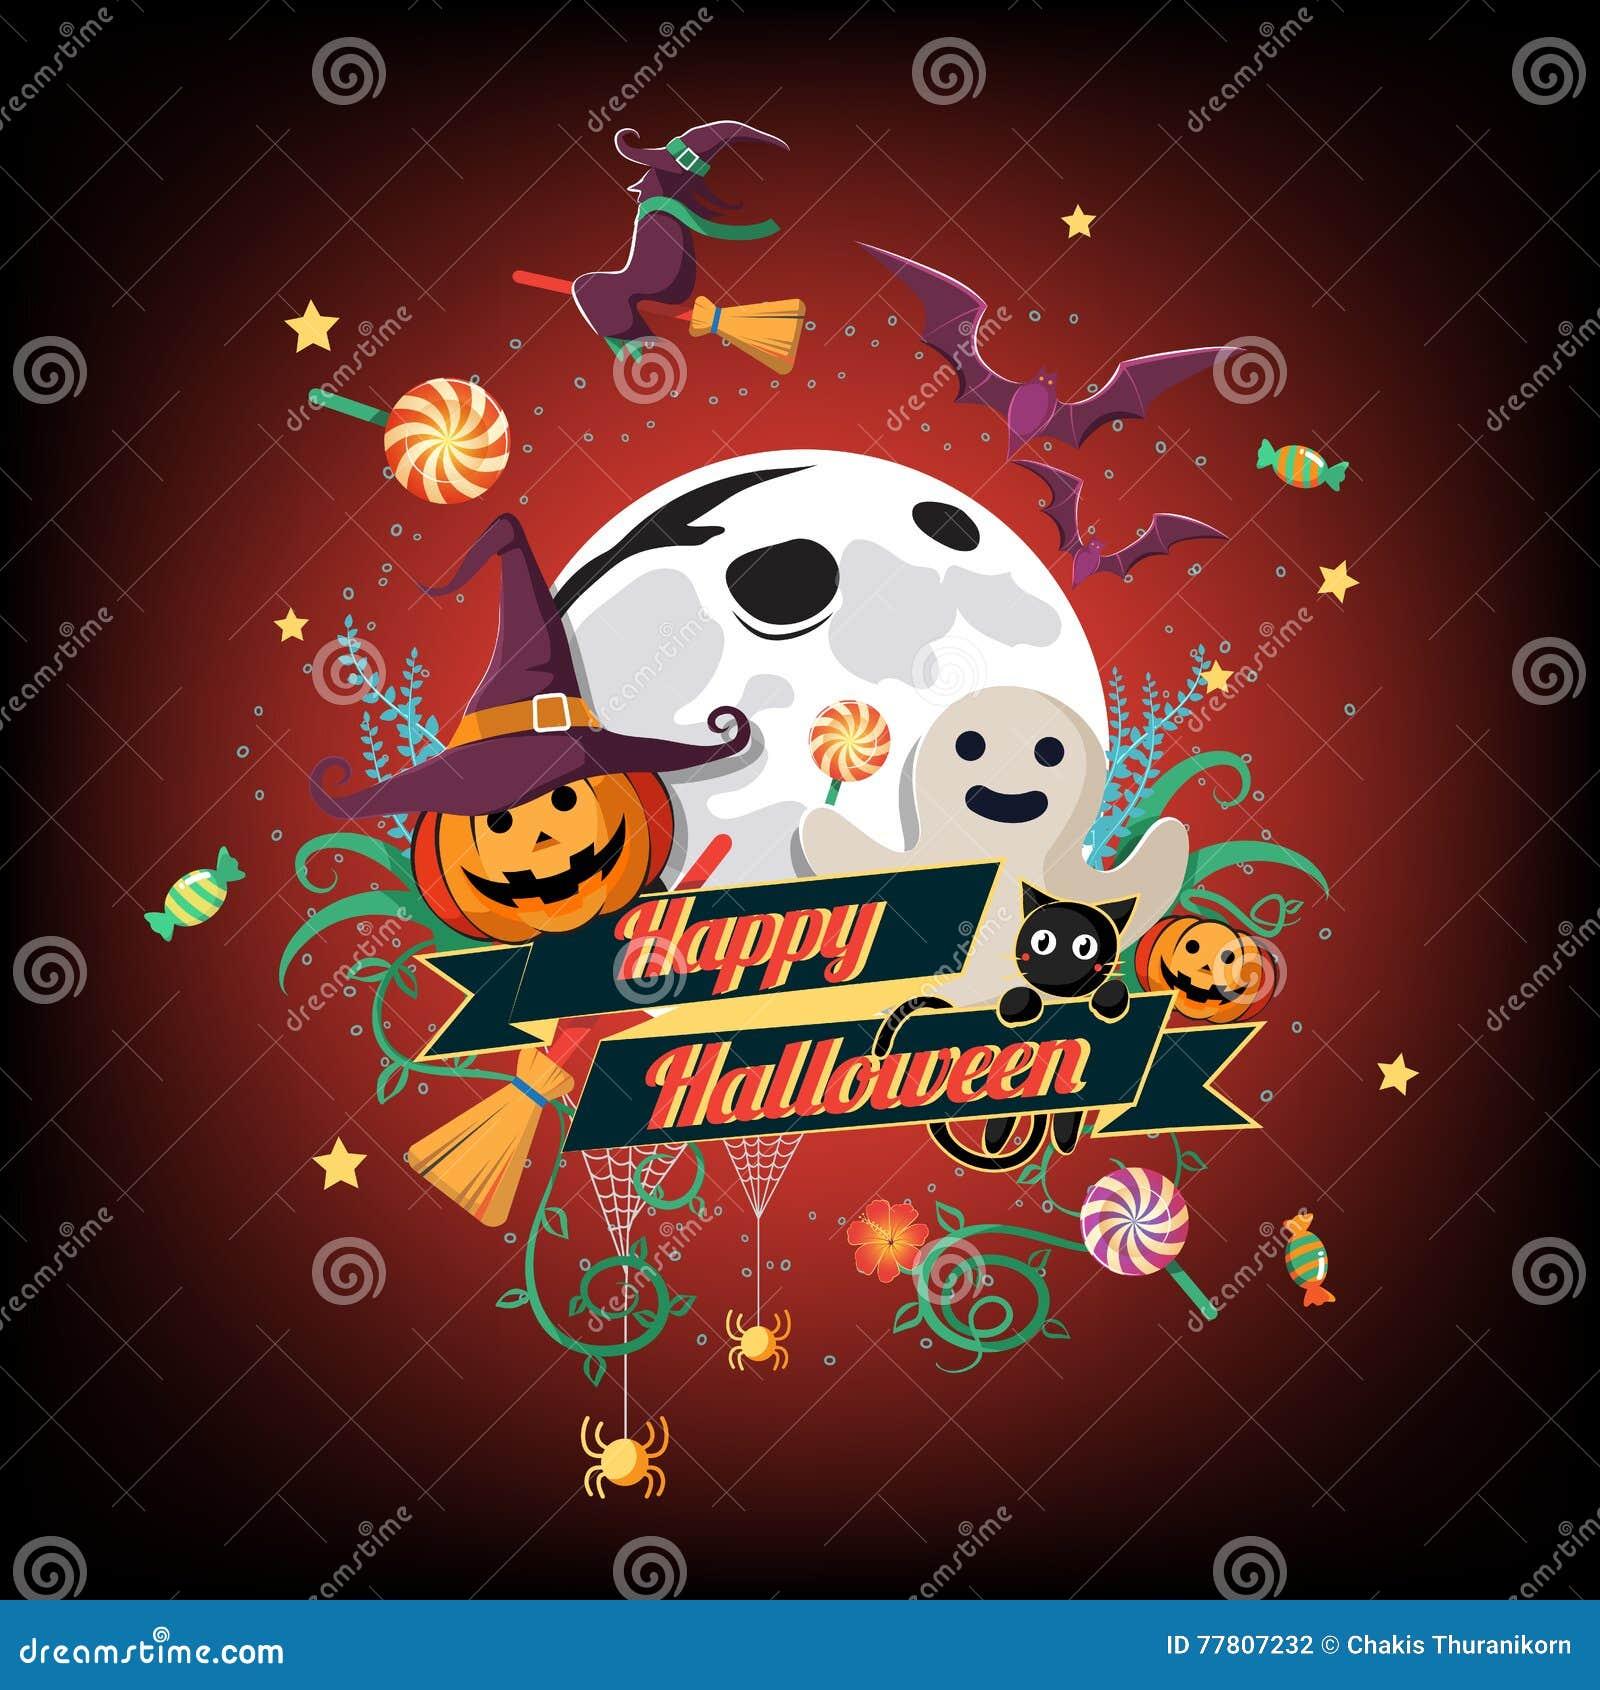 El icono de Halloween y el carácter y el elemento planos de Halloween diseñan la insignia, el fondo de Halloween, el ejemplo del